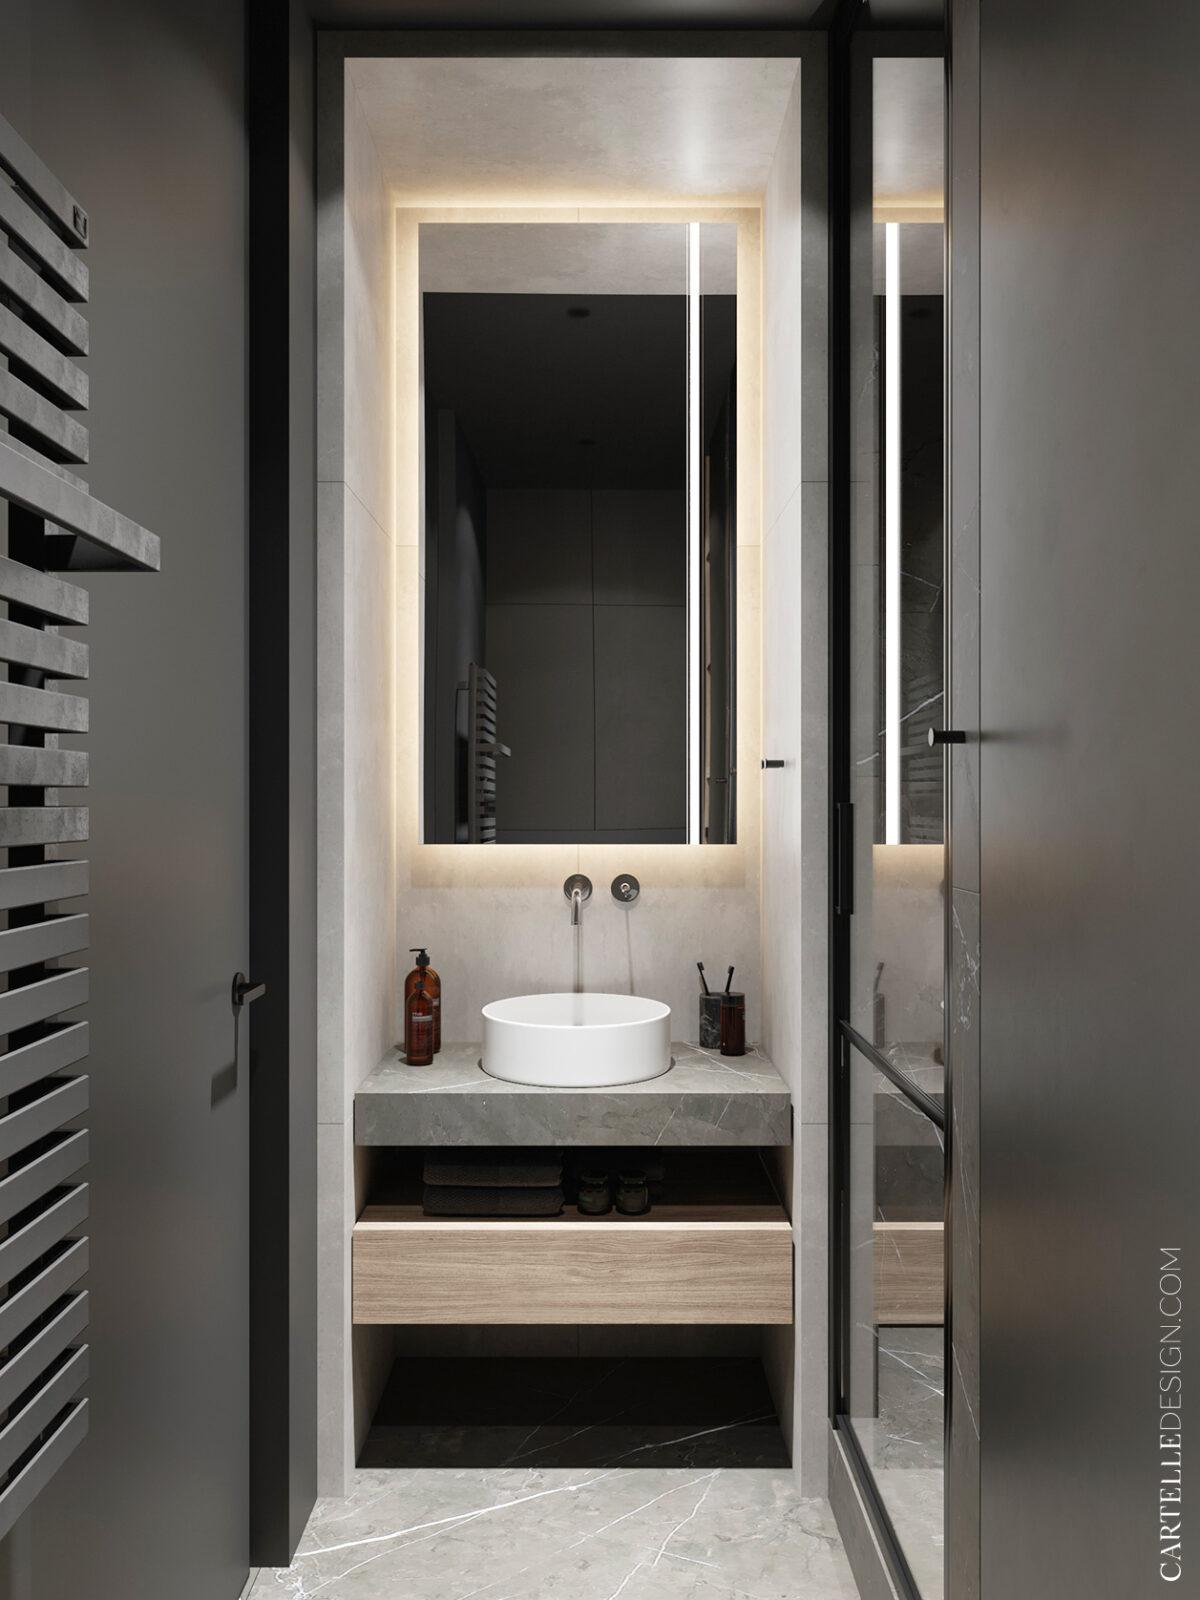 salle de bain minimaliste meuble grise bois décoration intérieure marbre